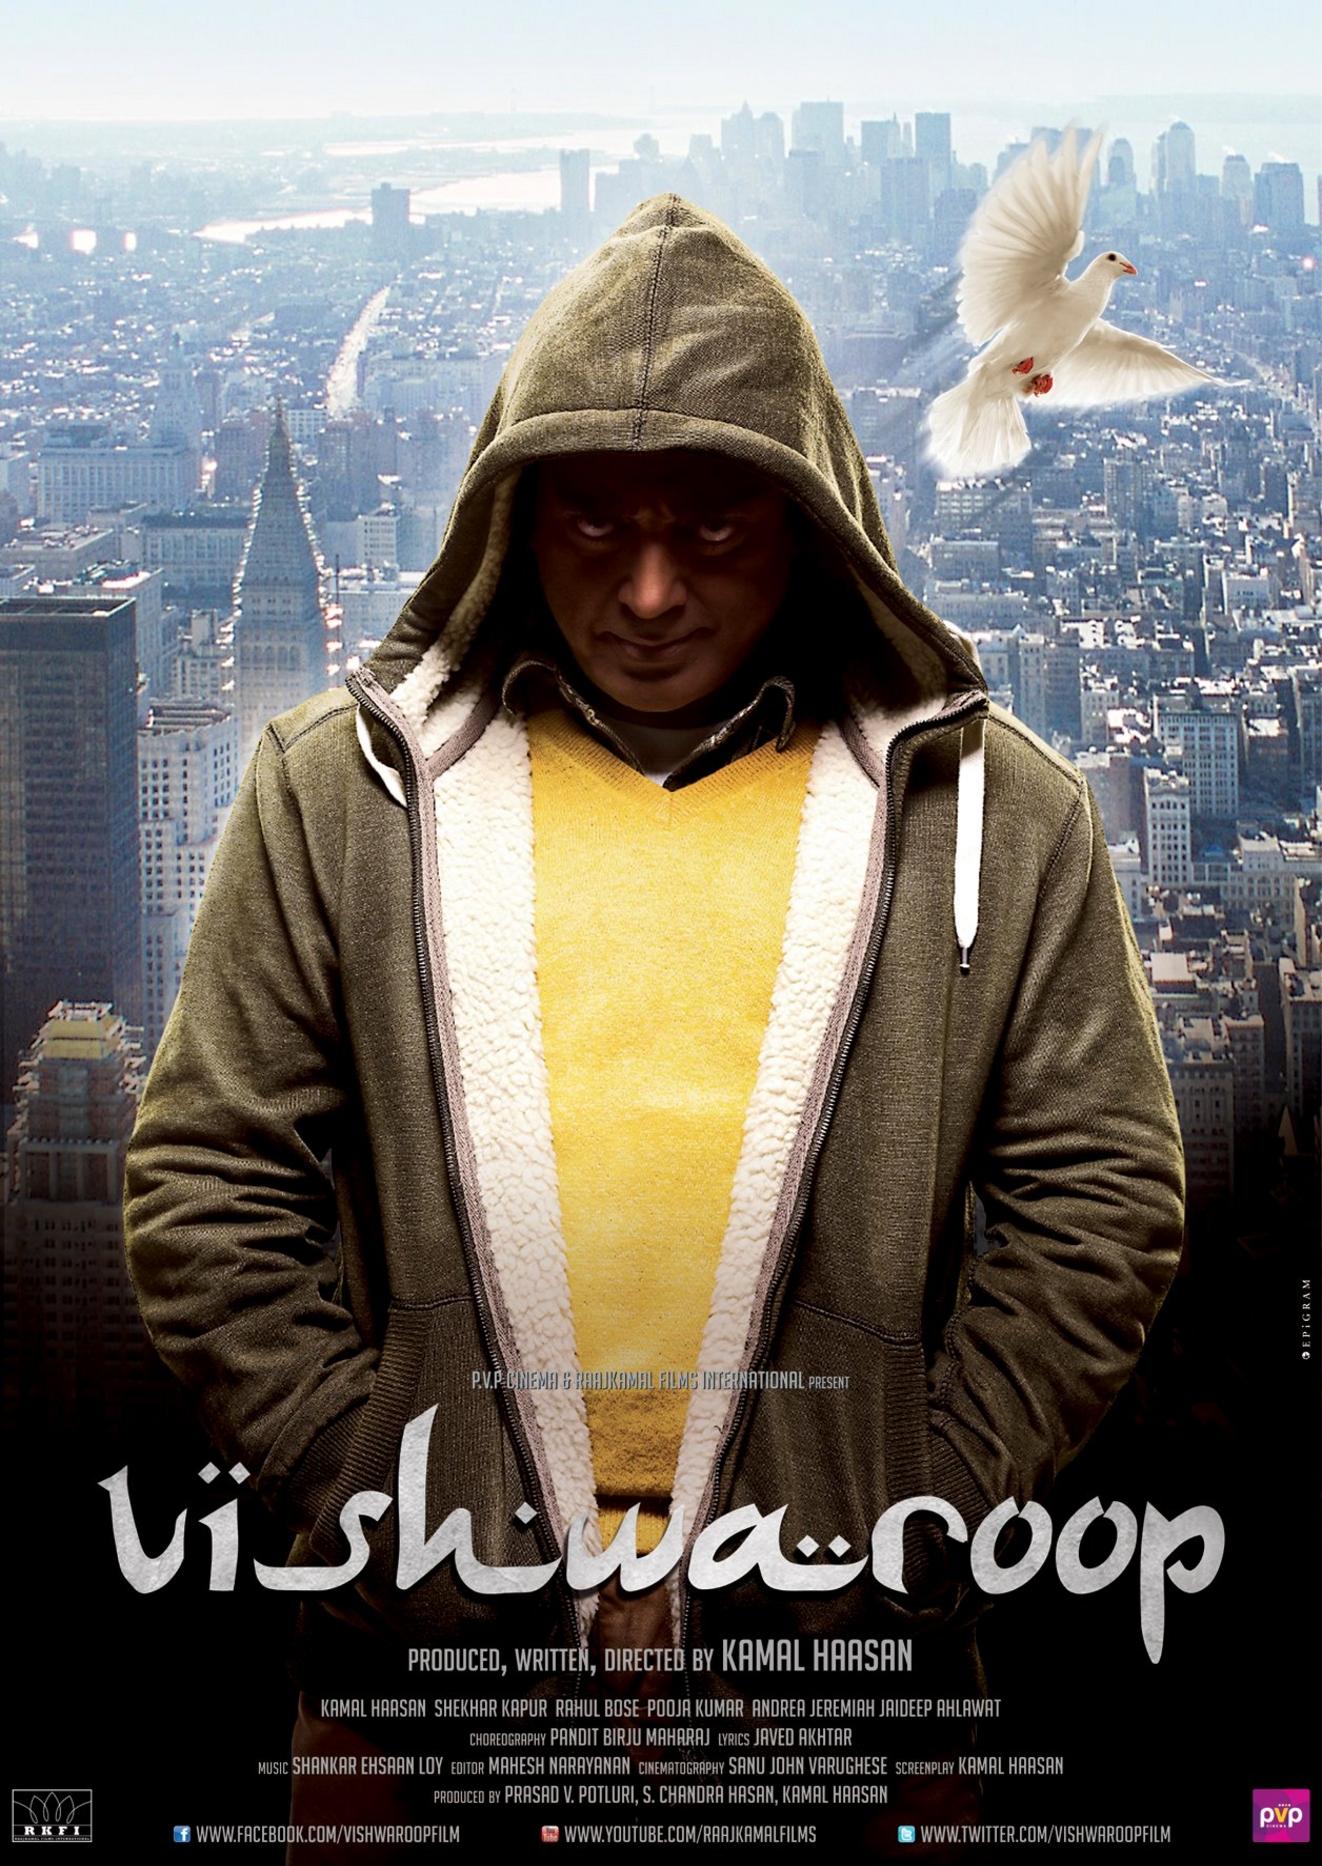 Vishwaroop - Movie Poster #3 (Original)